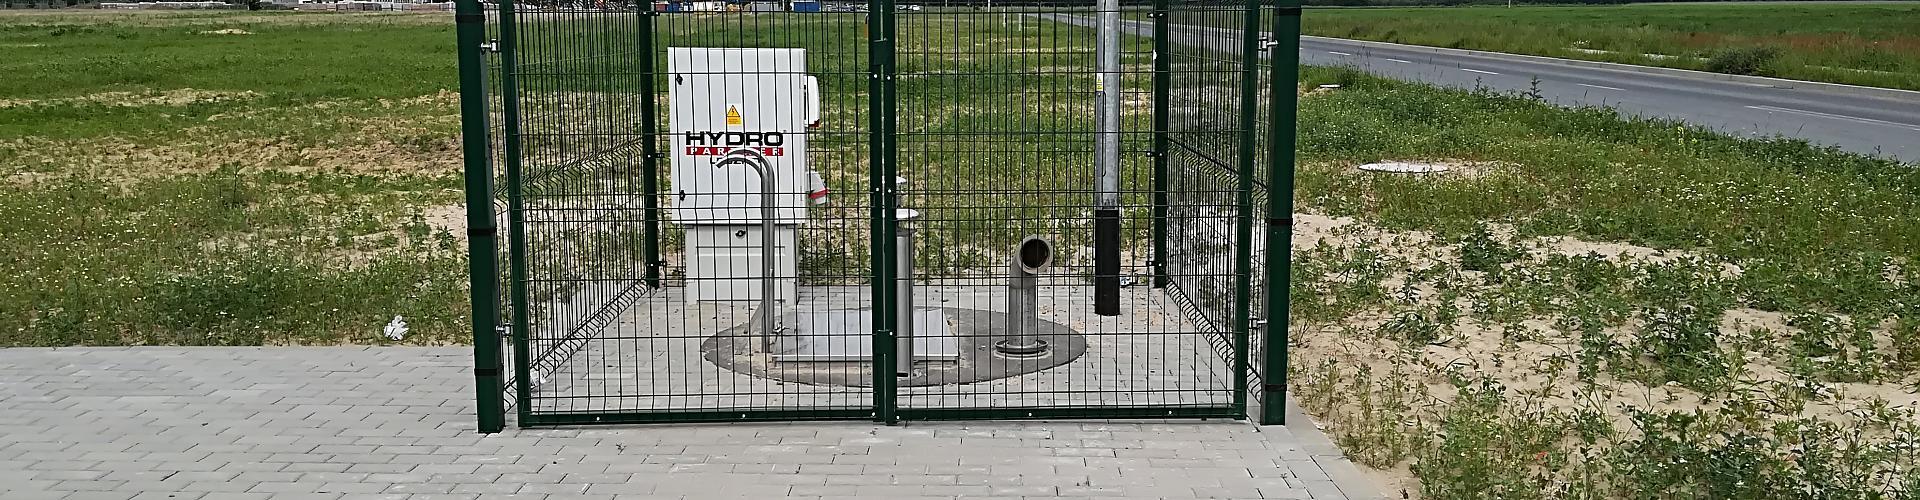 Zobacz Budowa sieci wod-kan w rejonie inwestycyjnym Wojcieszyn-Miętno